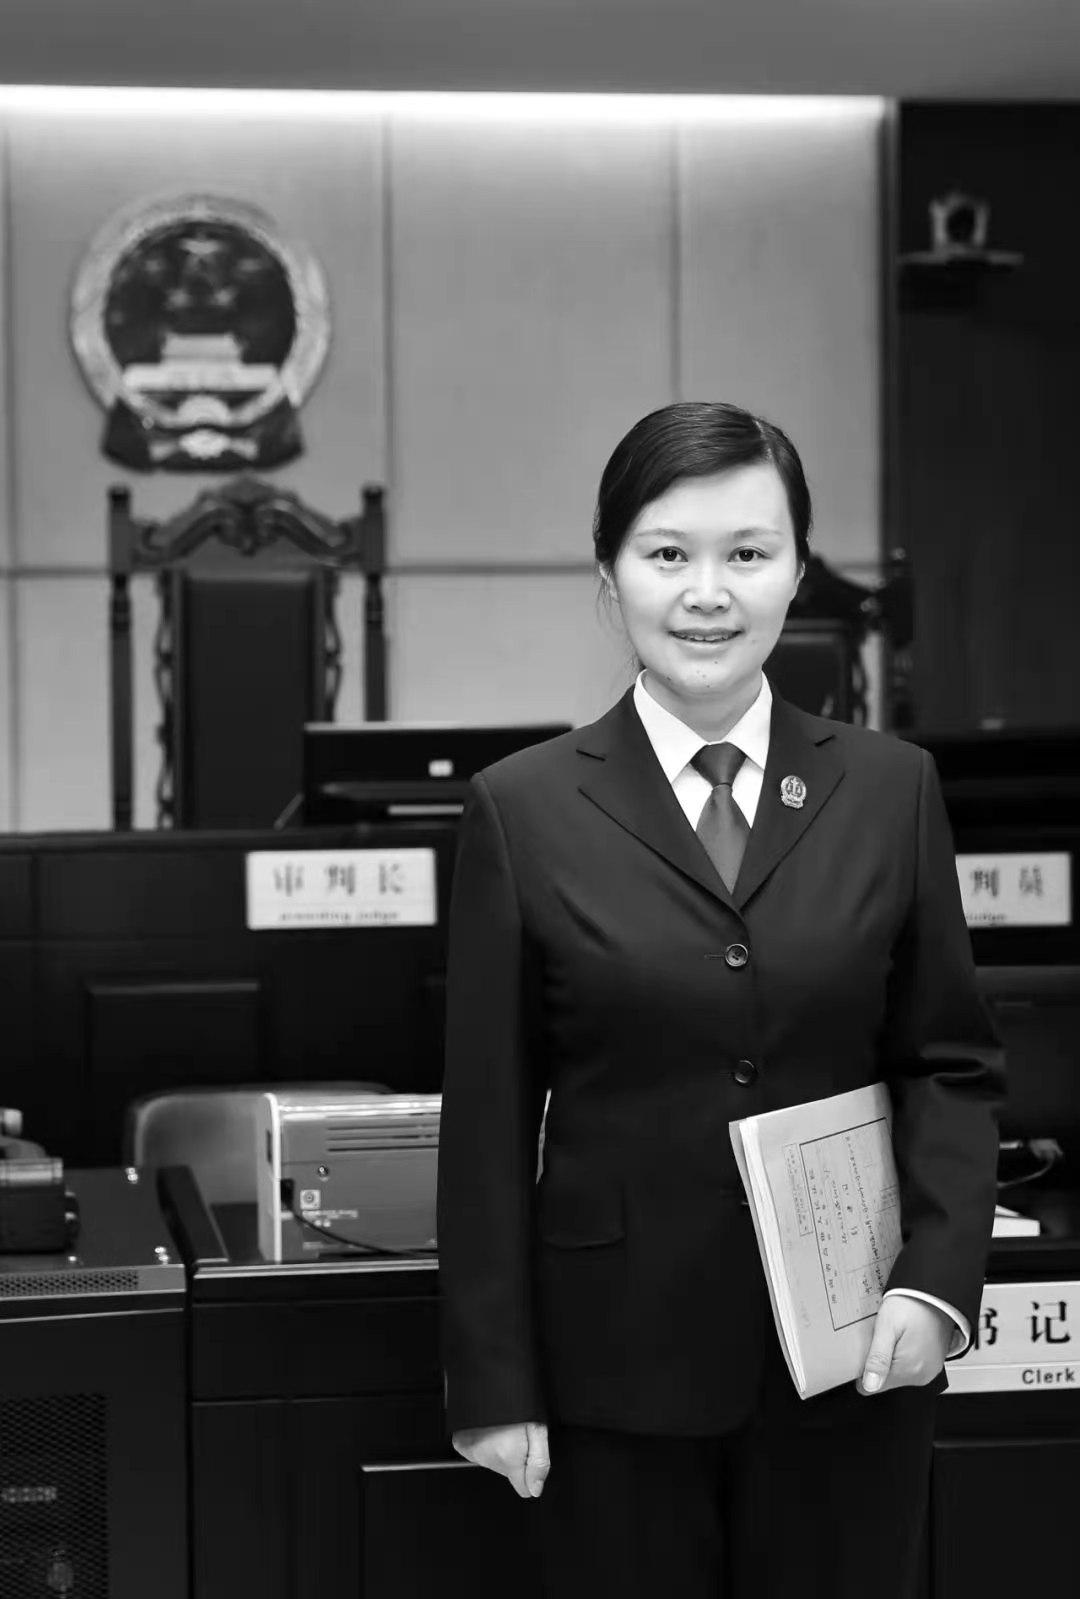 湖南高院副庭长遇害 周春梅被同乡闺蜜杀害过程始末